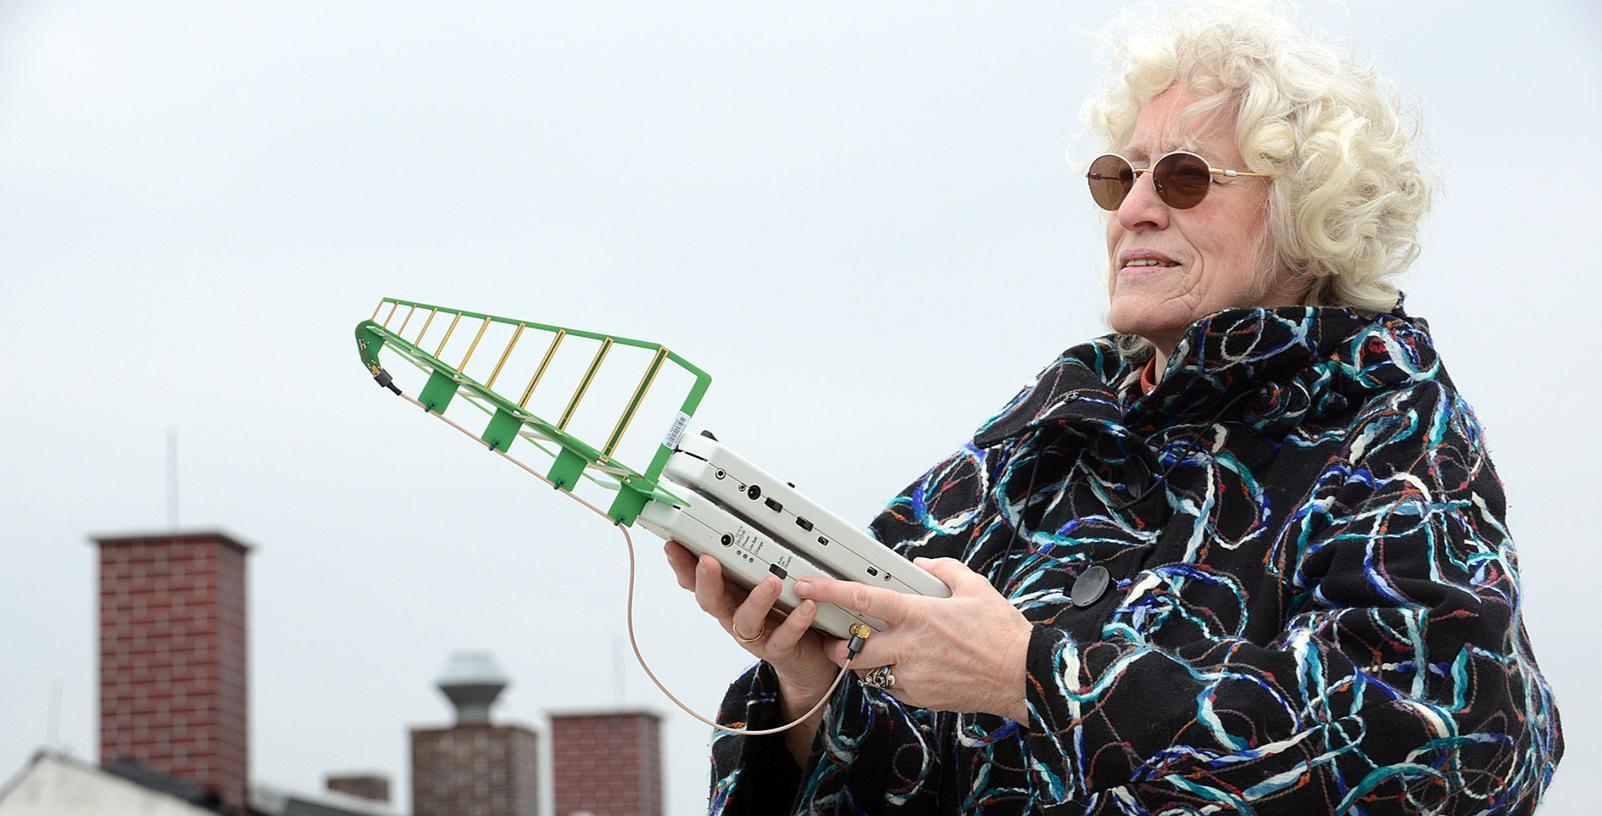 In der Fürther Innenstadt gibt es schon genügend Funkmasten. Hier misst Helga Krause (BN) Mobilfunkstrahlen. Im Hintergrund sind als Schornsteine getarnte Mobilfunkantennen auf dem Dach des Altbaus Mathildenstraße 8 zu sehen.